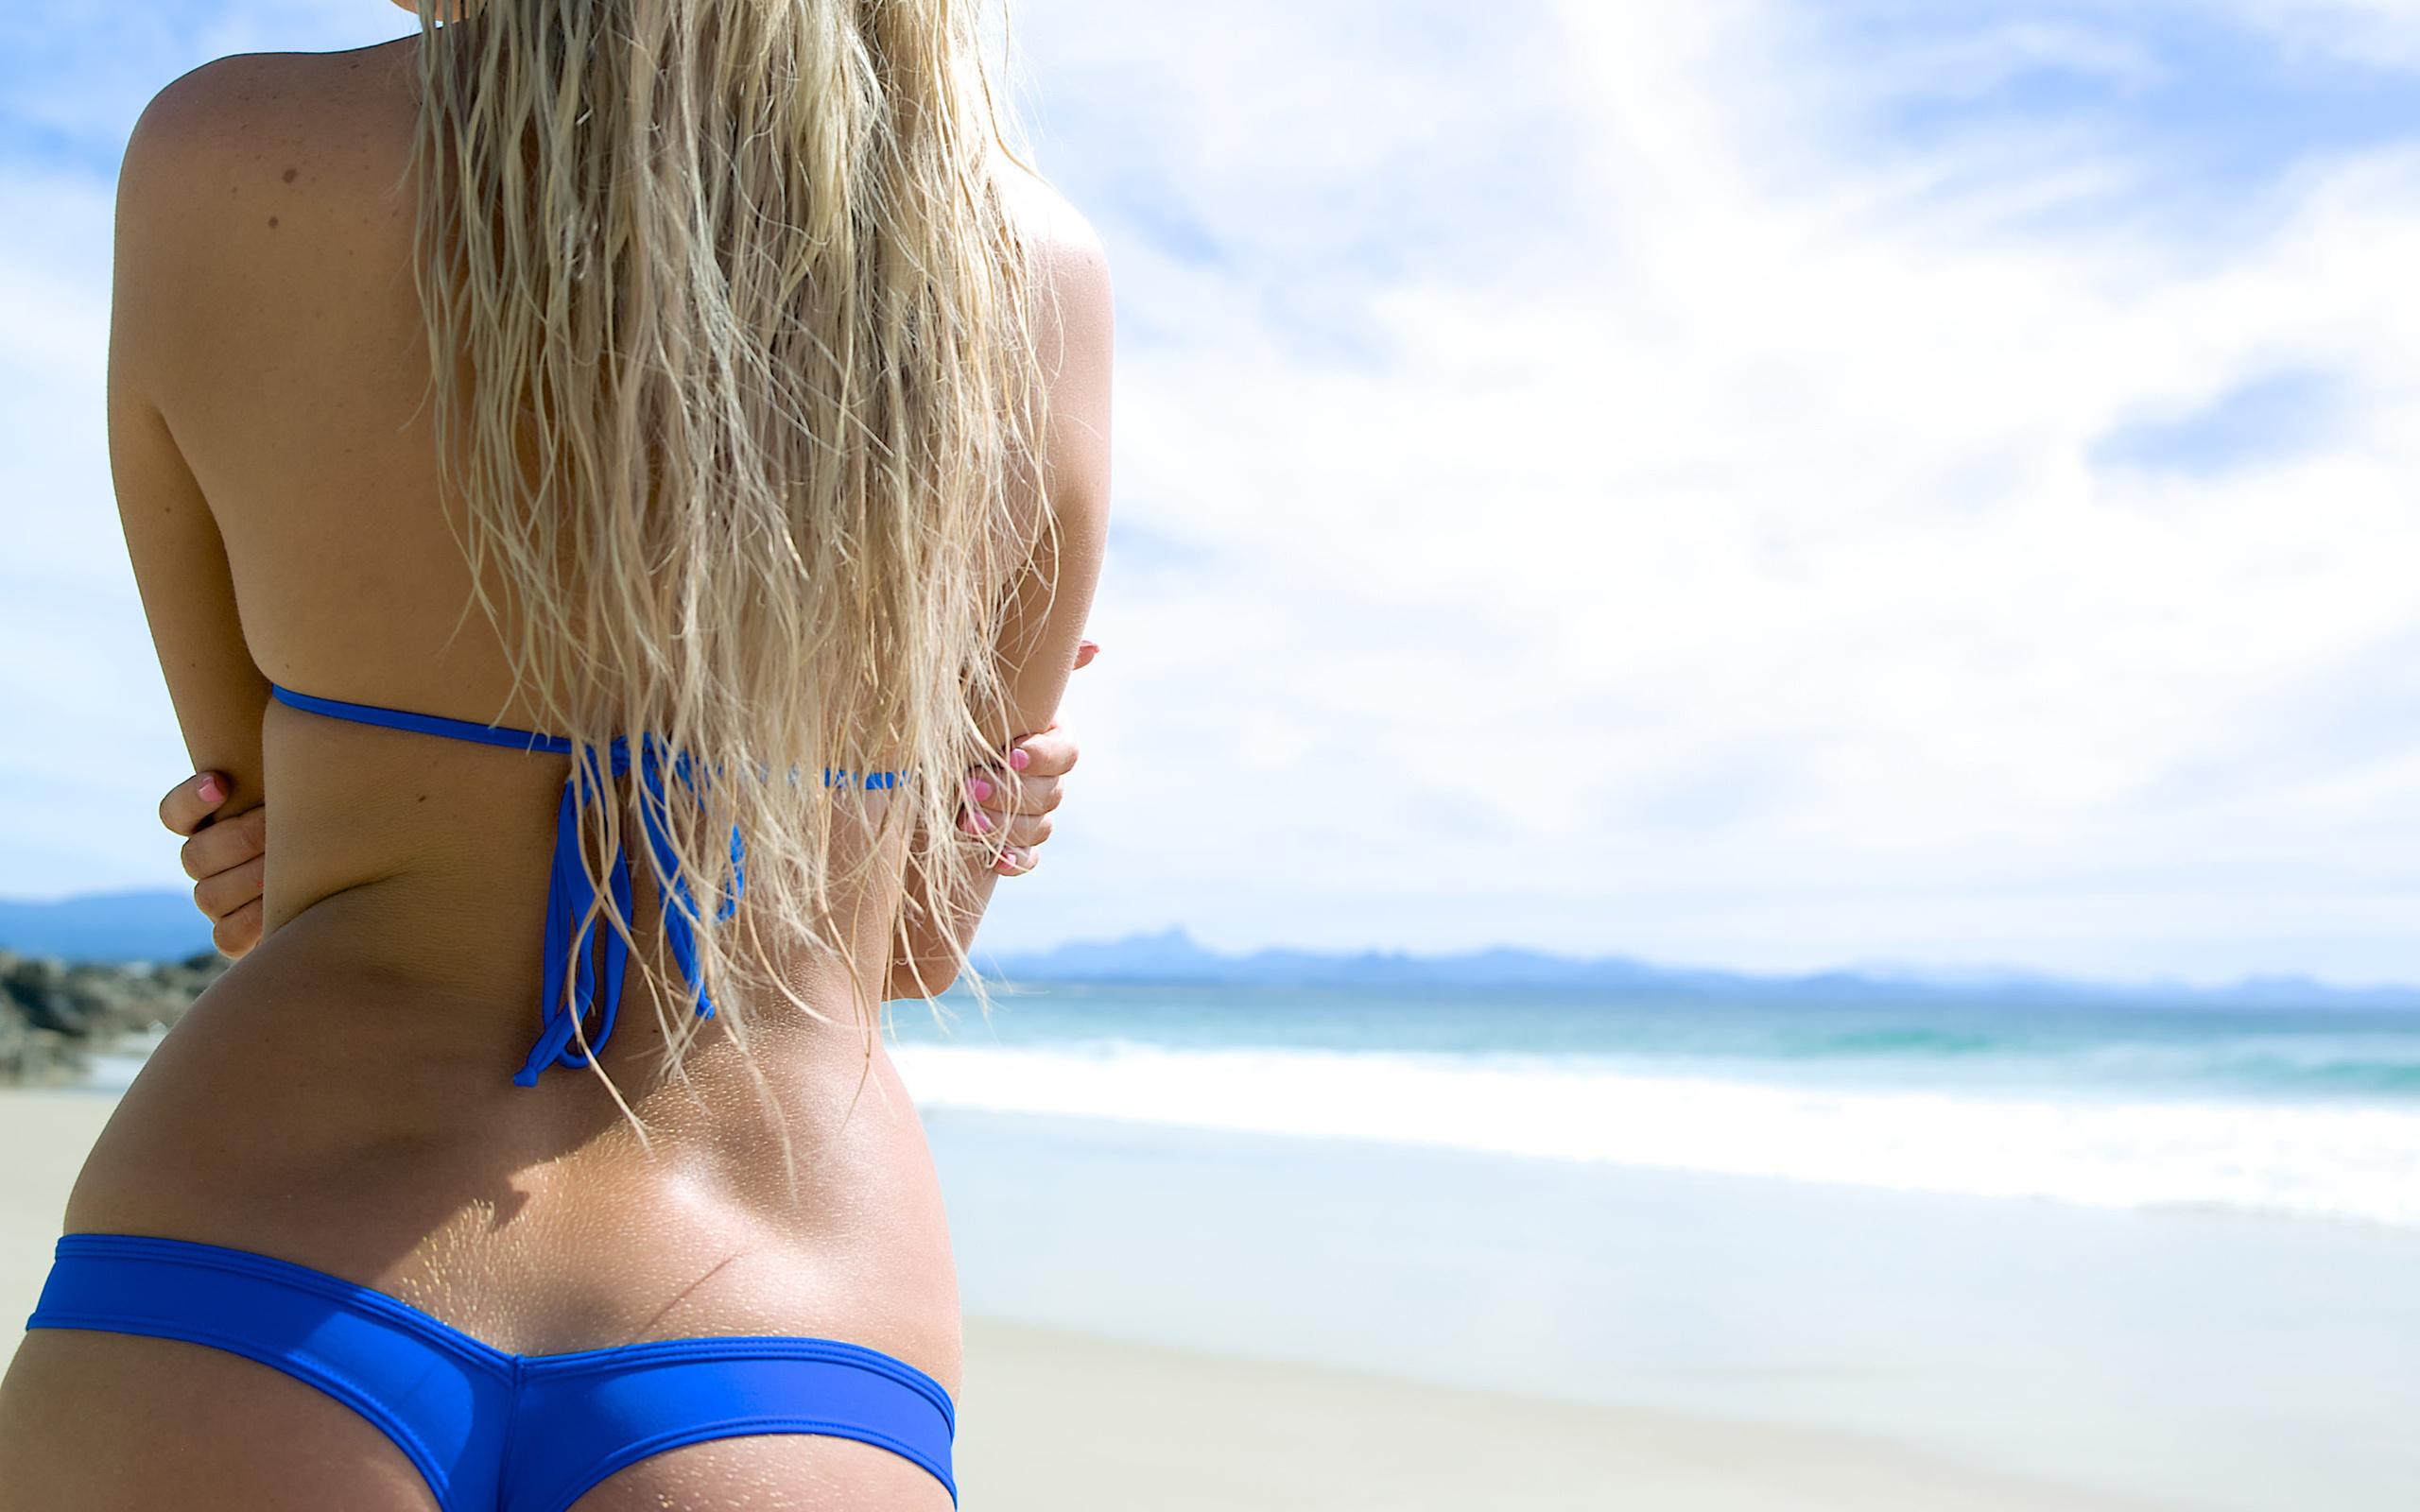 примеру, делать фото девушек блондинок в купальнике на пляже вид со спины рыжеволосая секретарша вошла